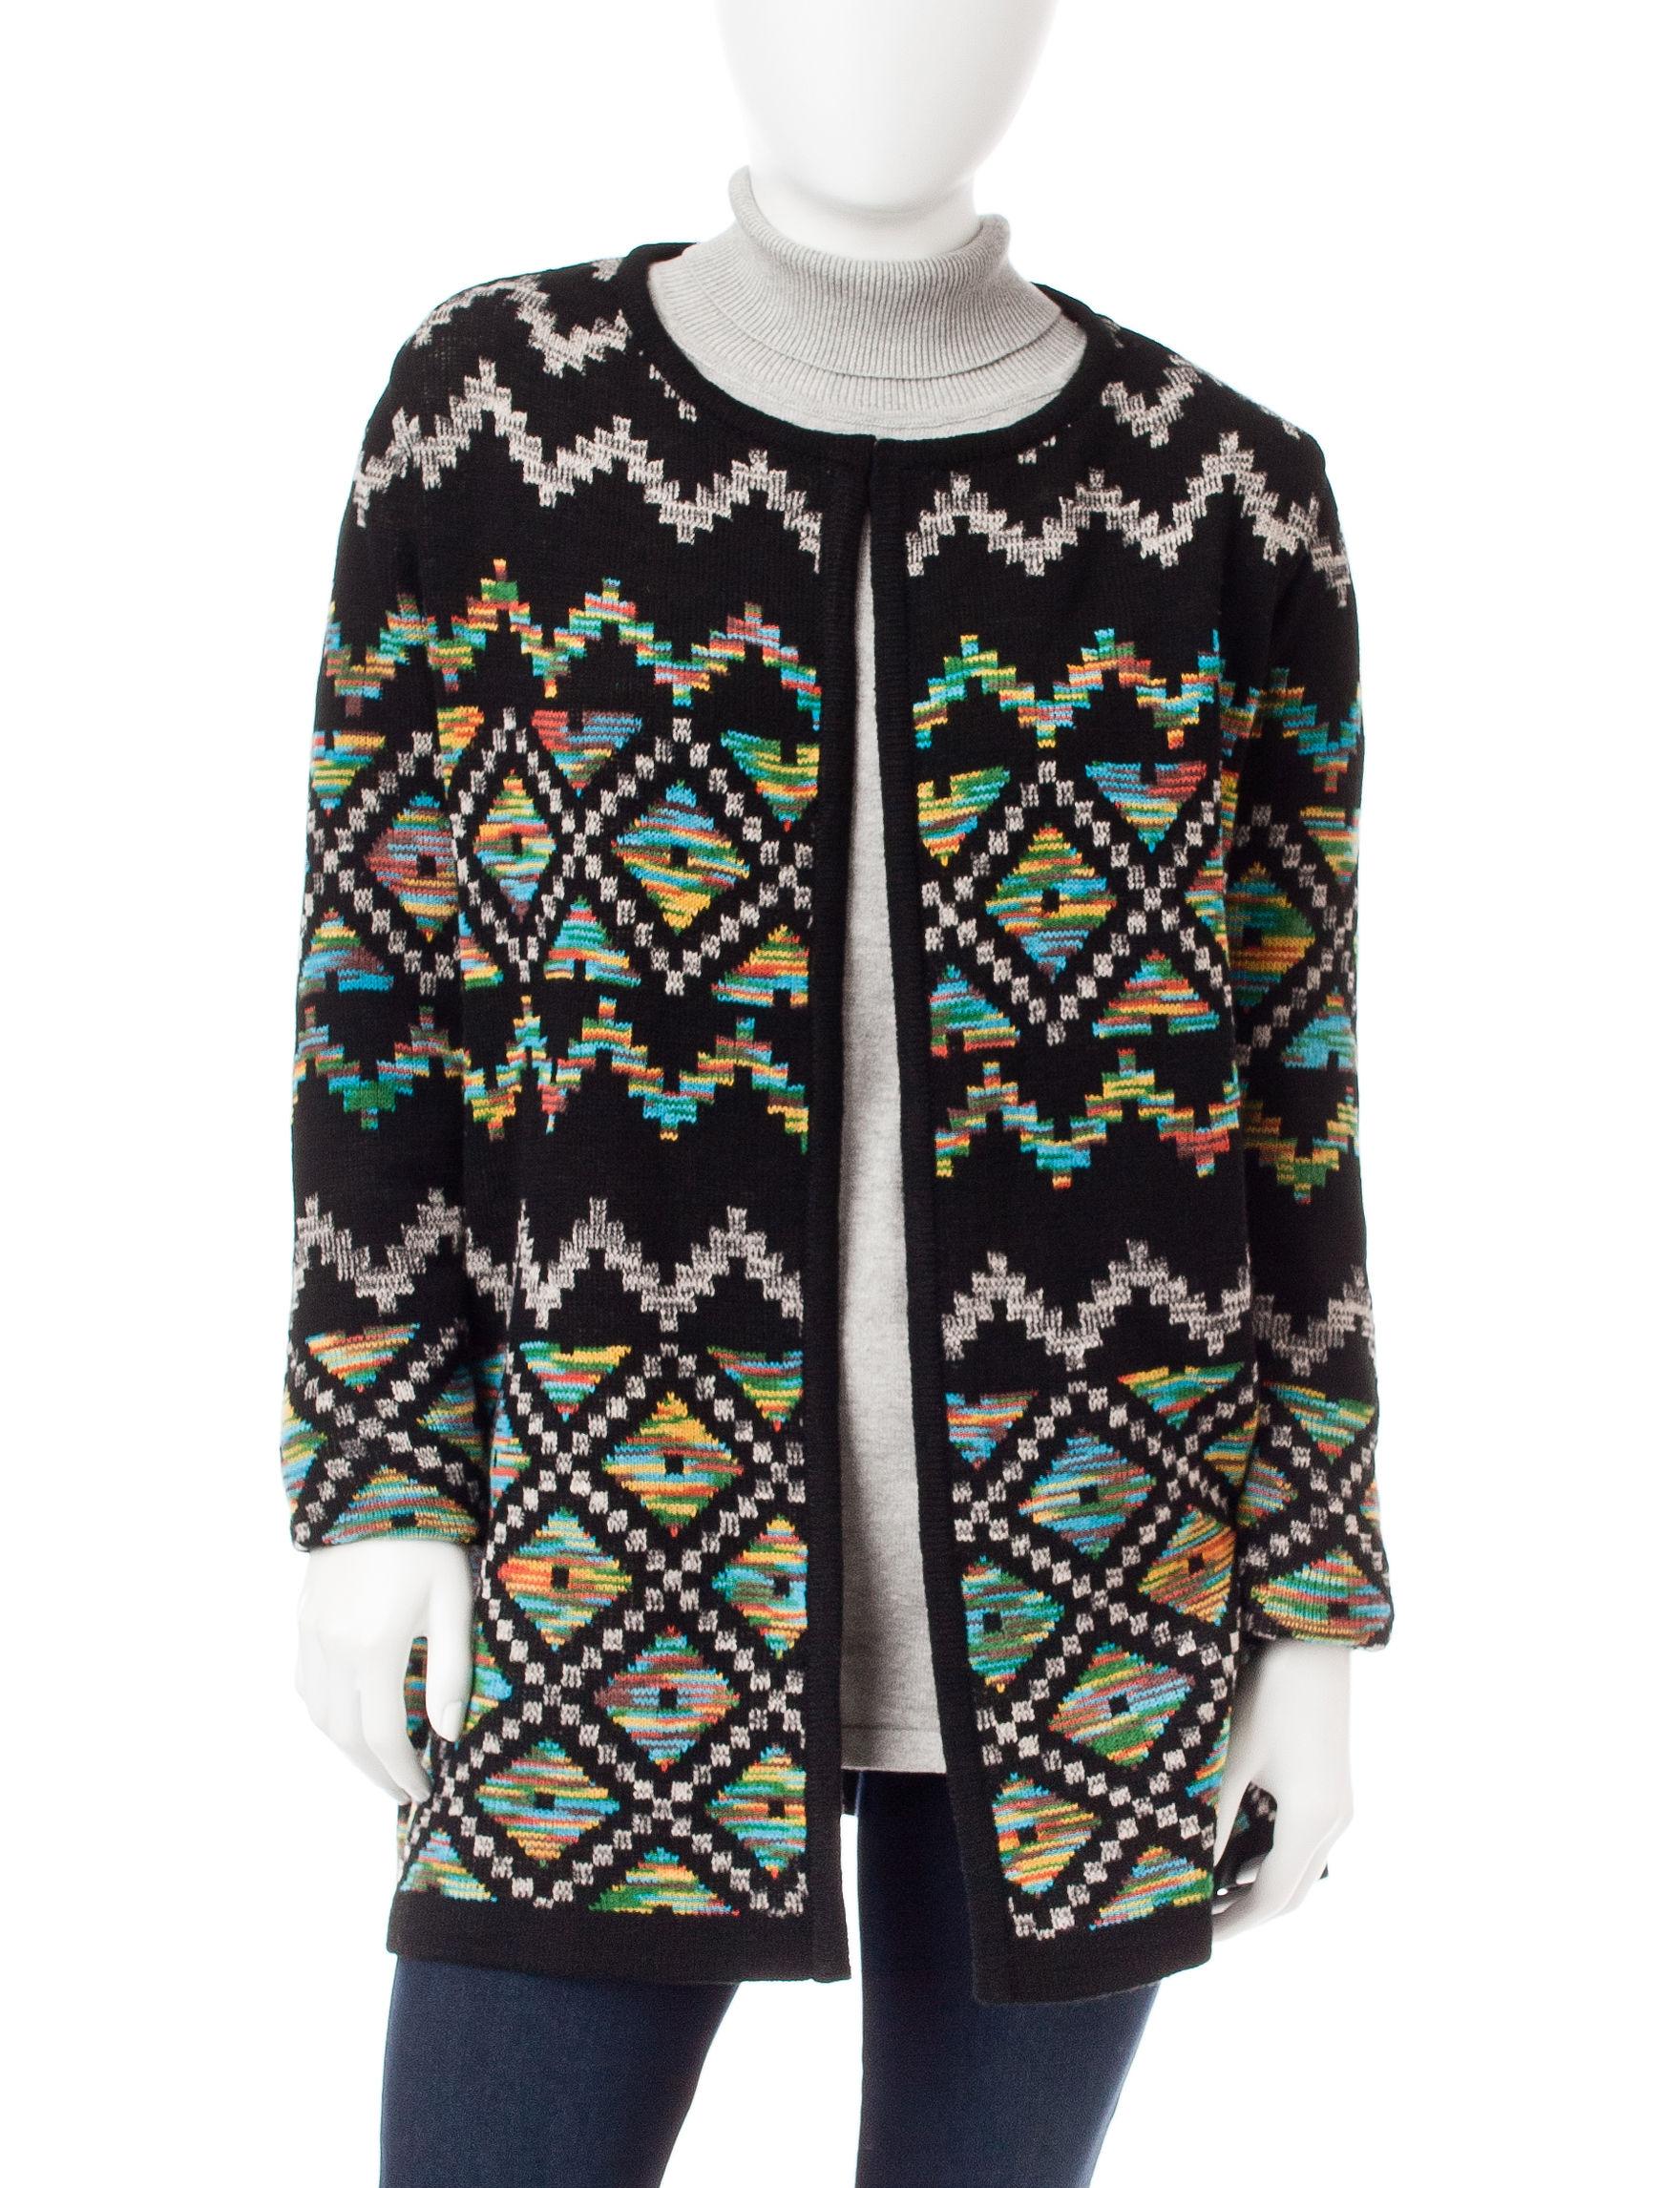 Signature Studio Black Multi Cardigans Sweaters